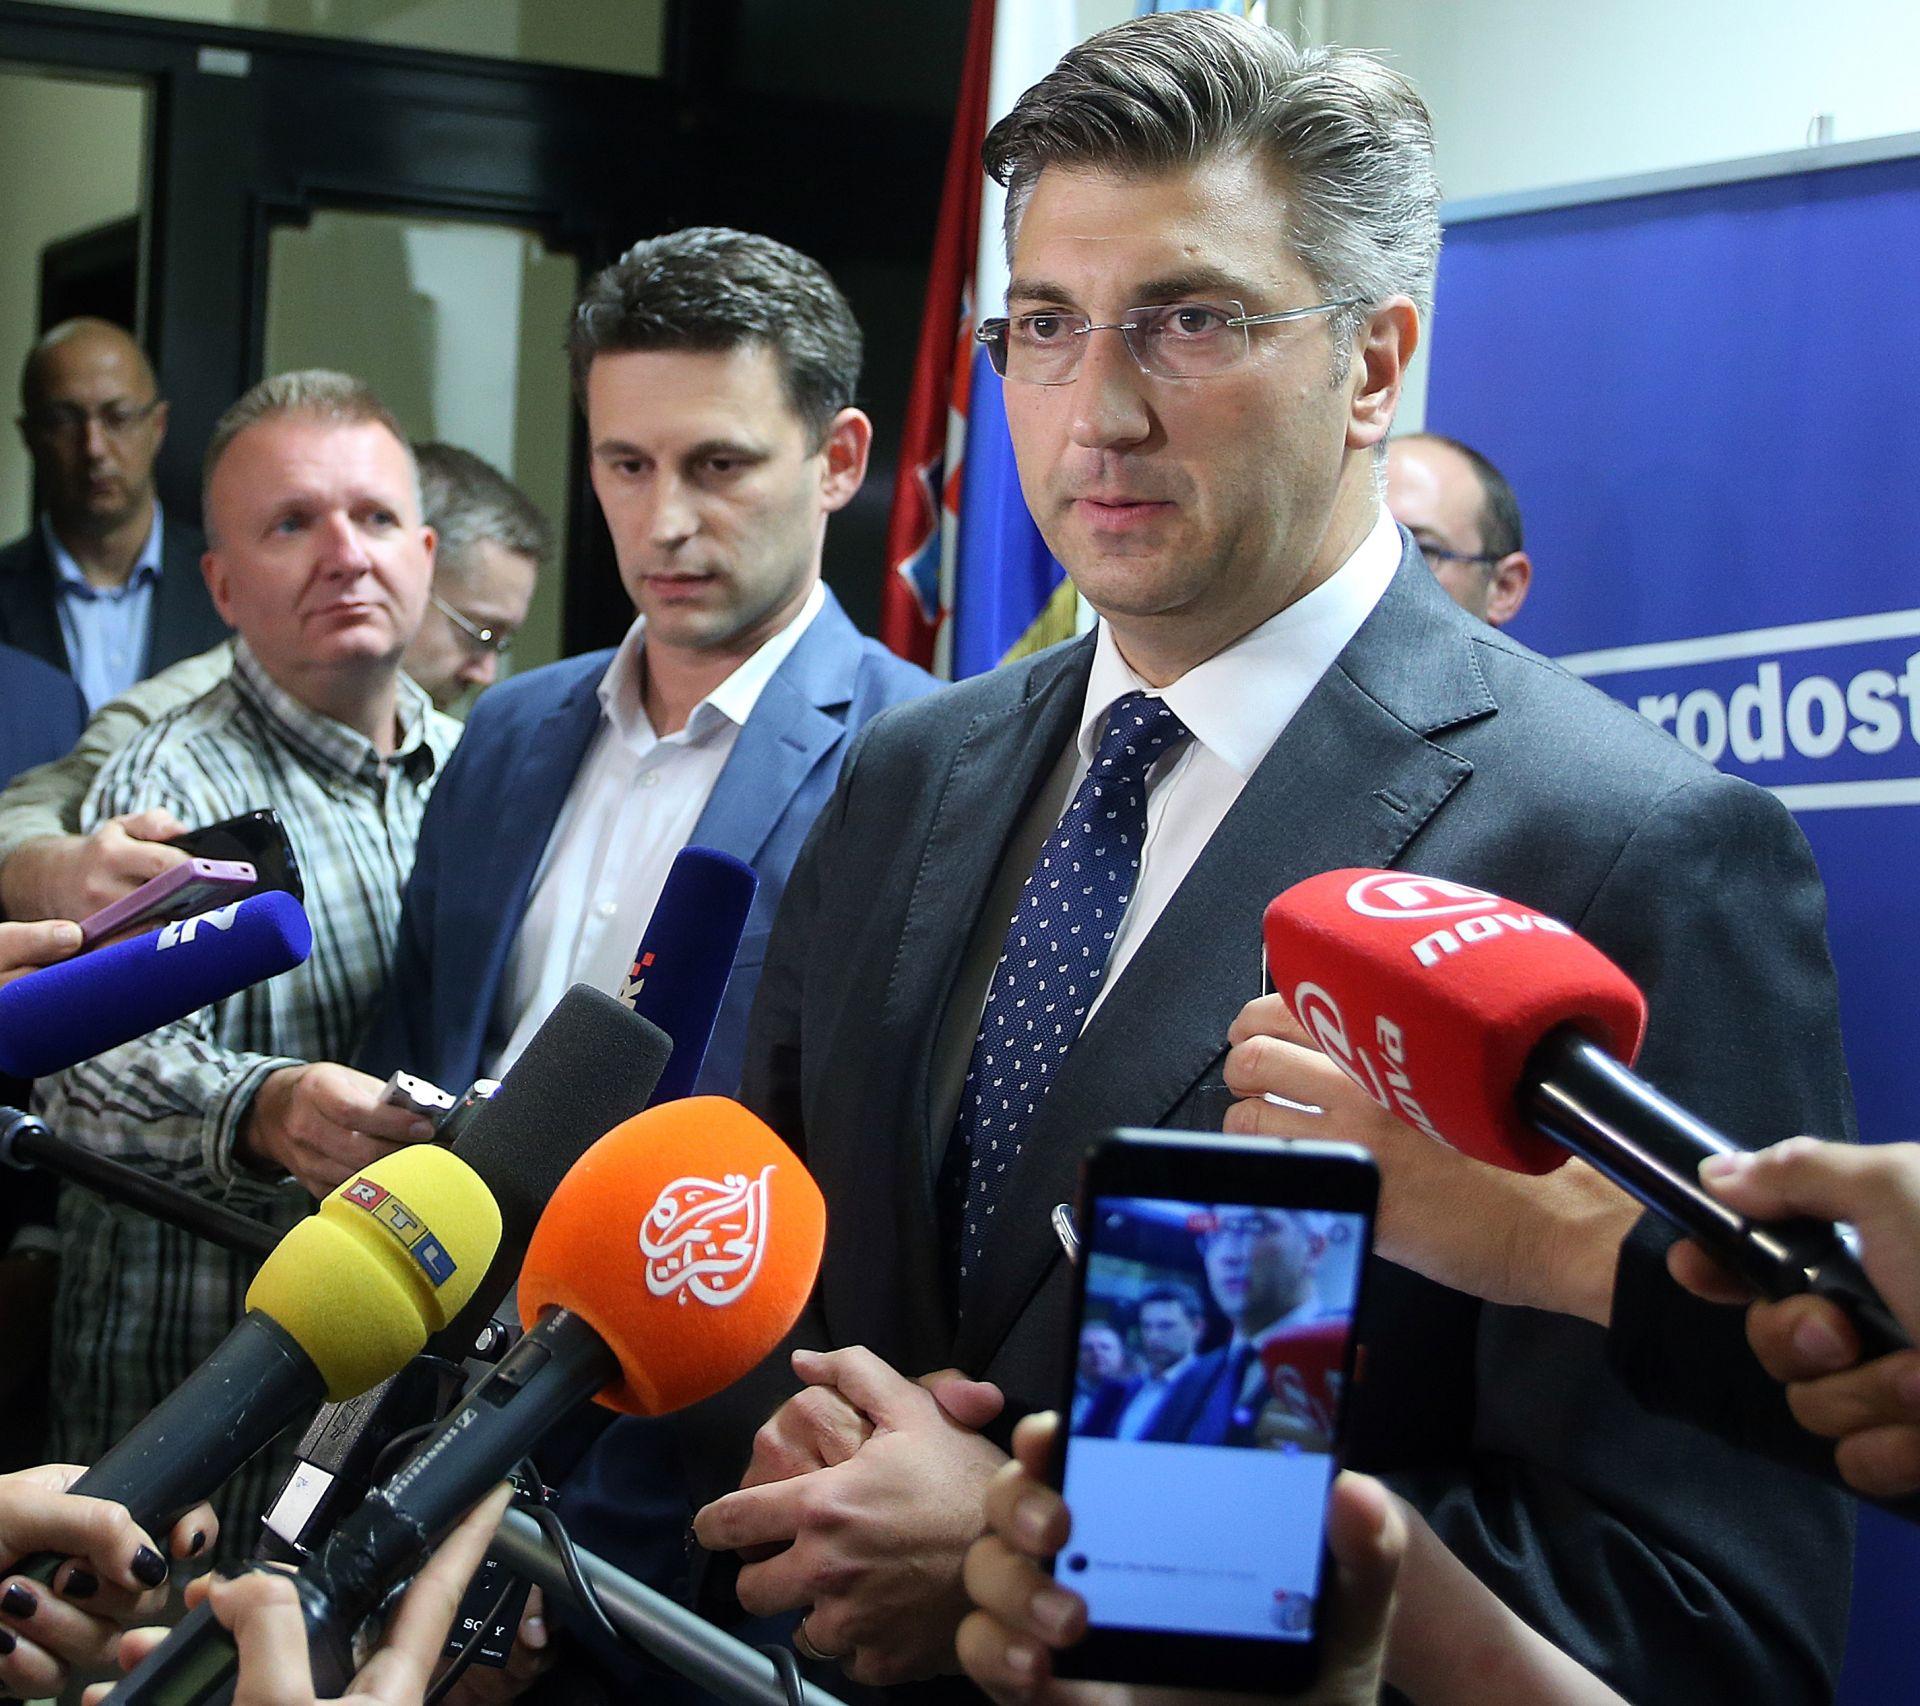 Plenković: Danas, a najkasnije sutra bismo s Mostom mogli postići dogovor o suradnji